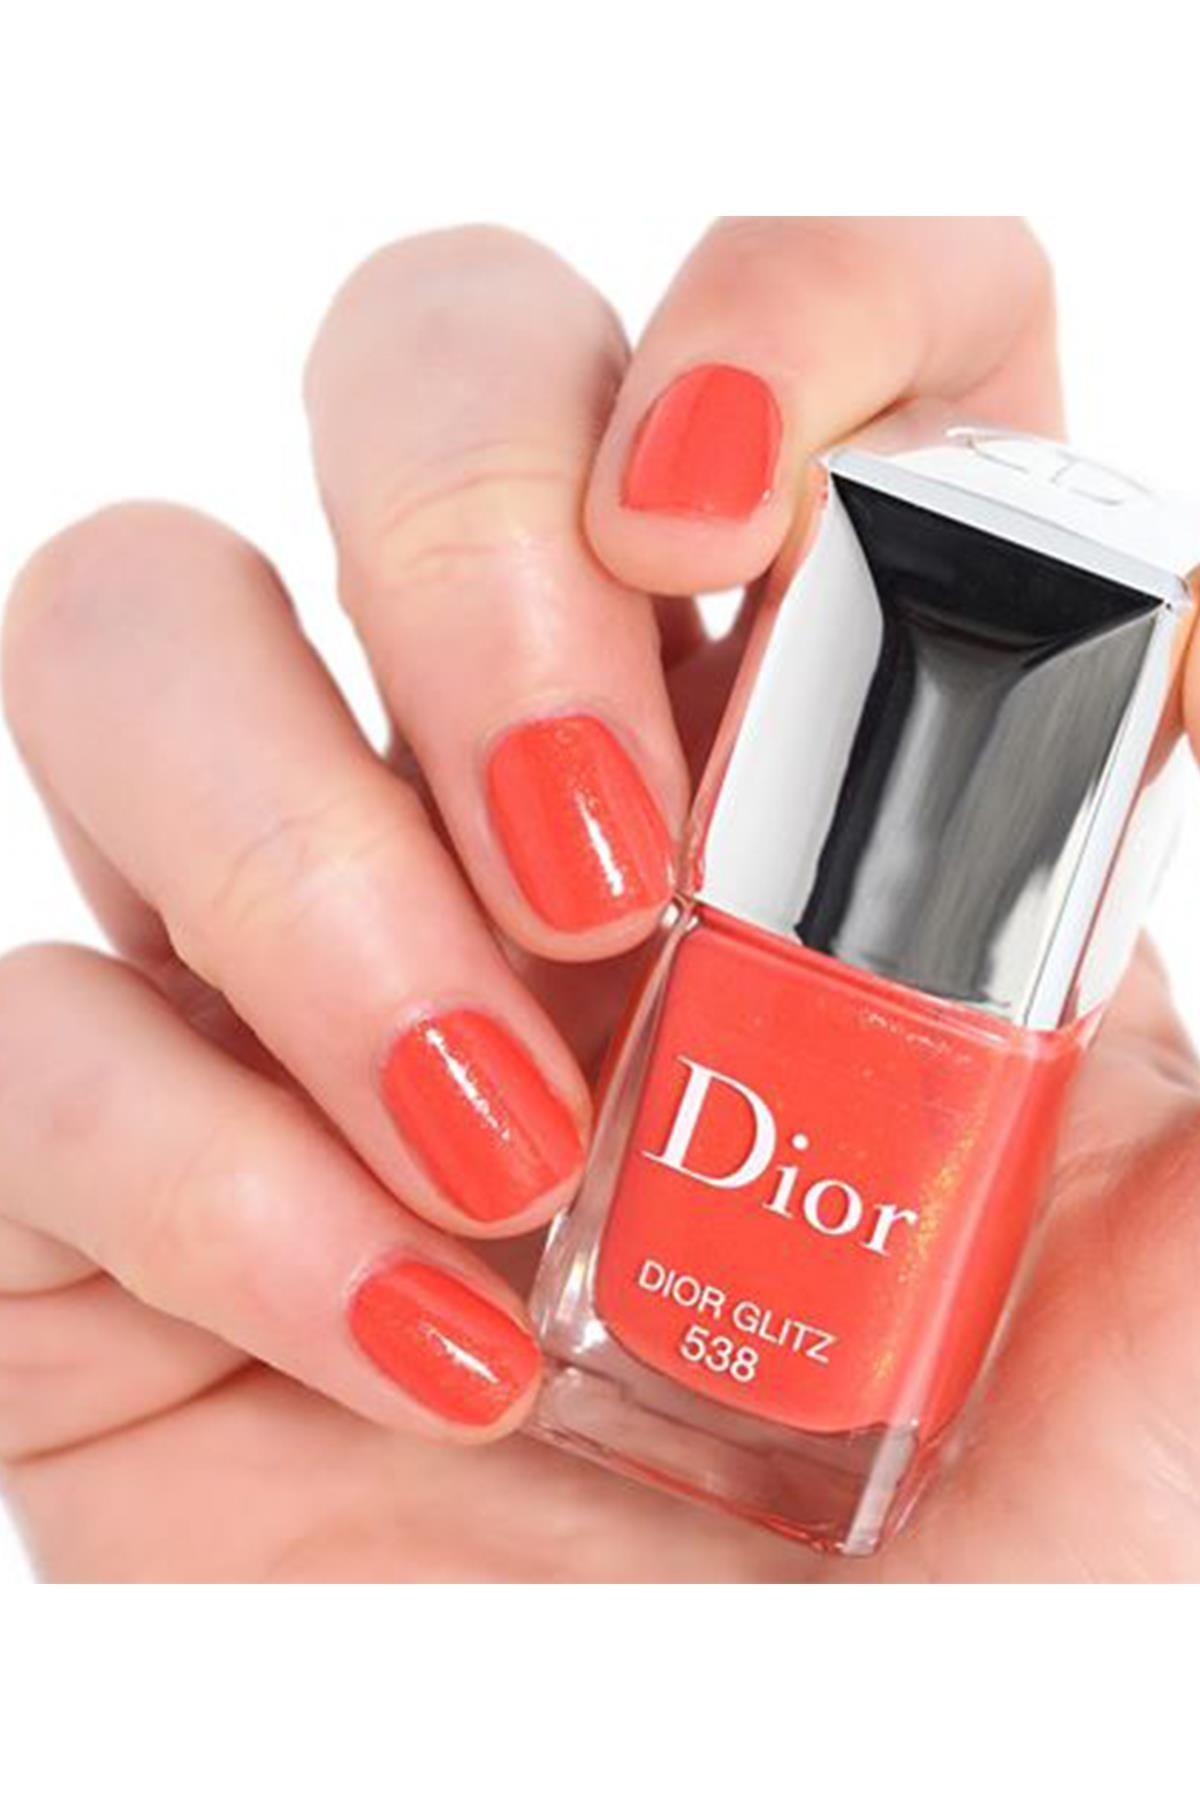 Dior Vernis Nail Lacquer 538 Dior Glitz Oje 3348901410410